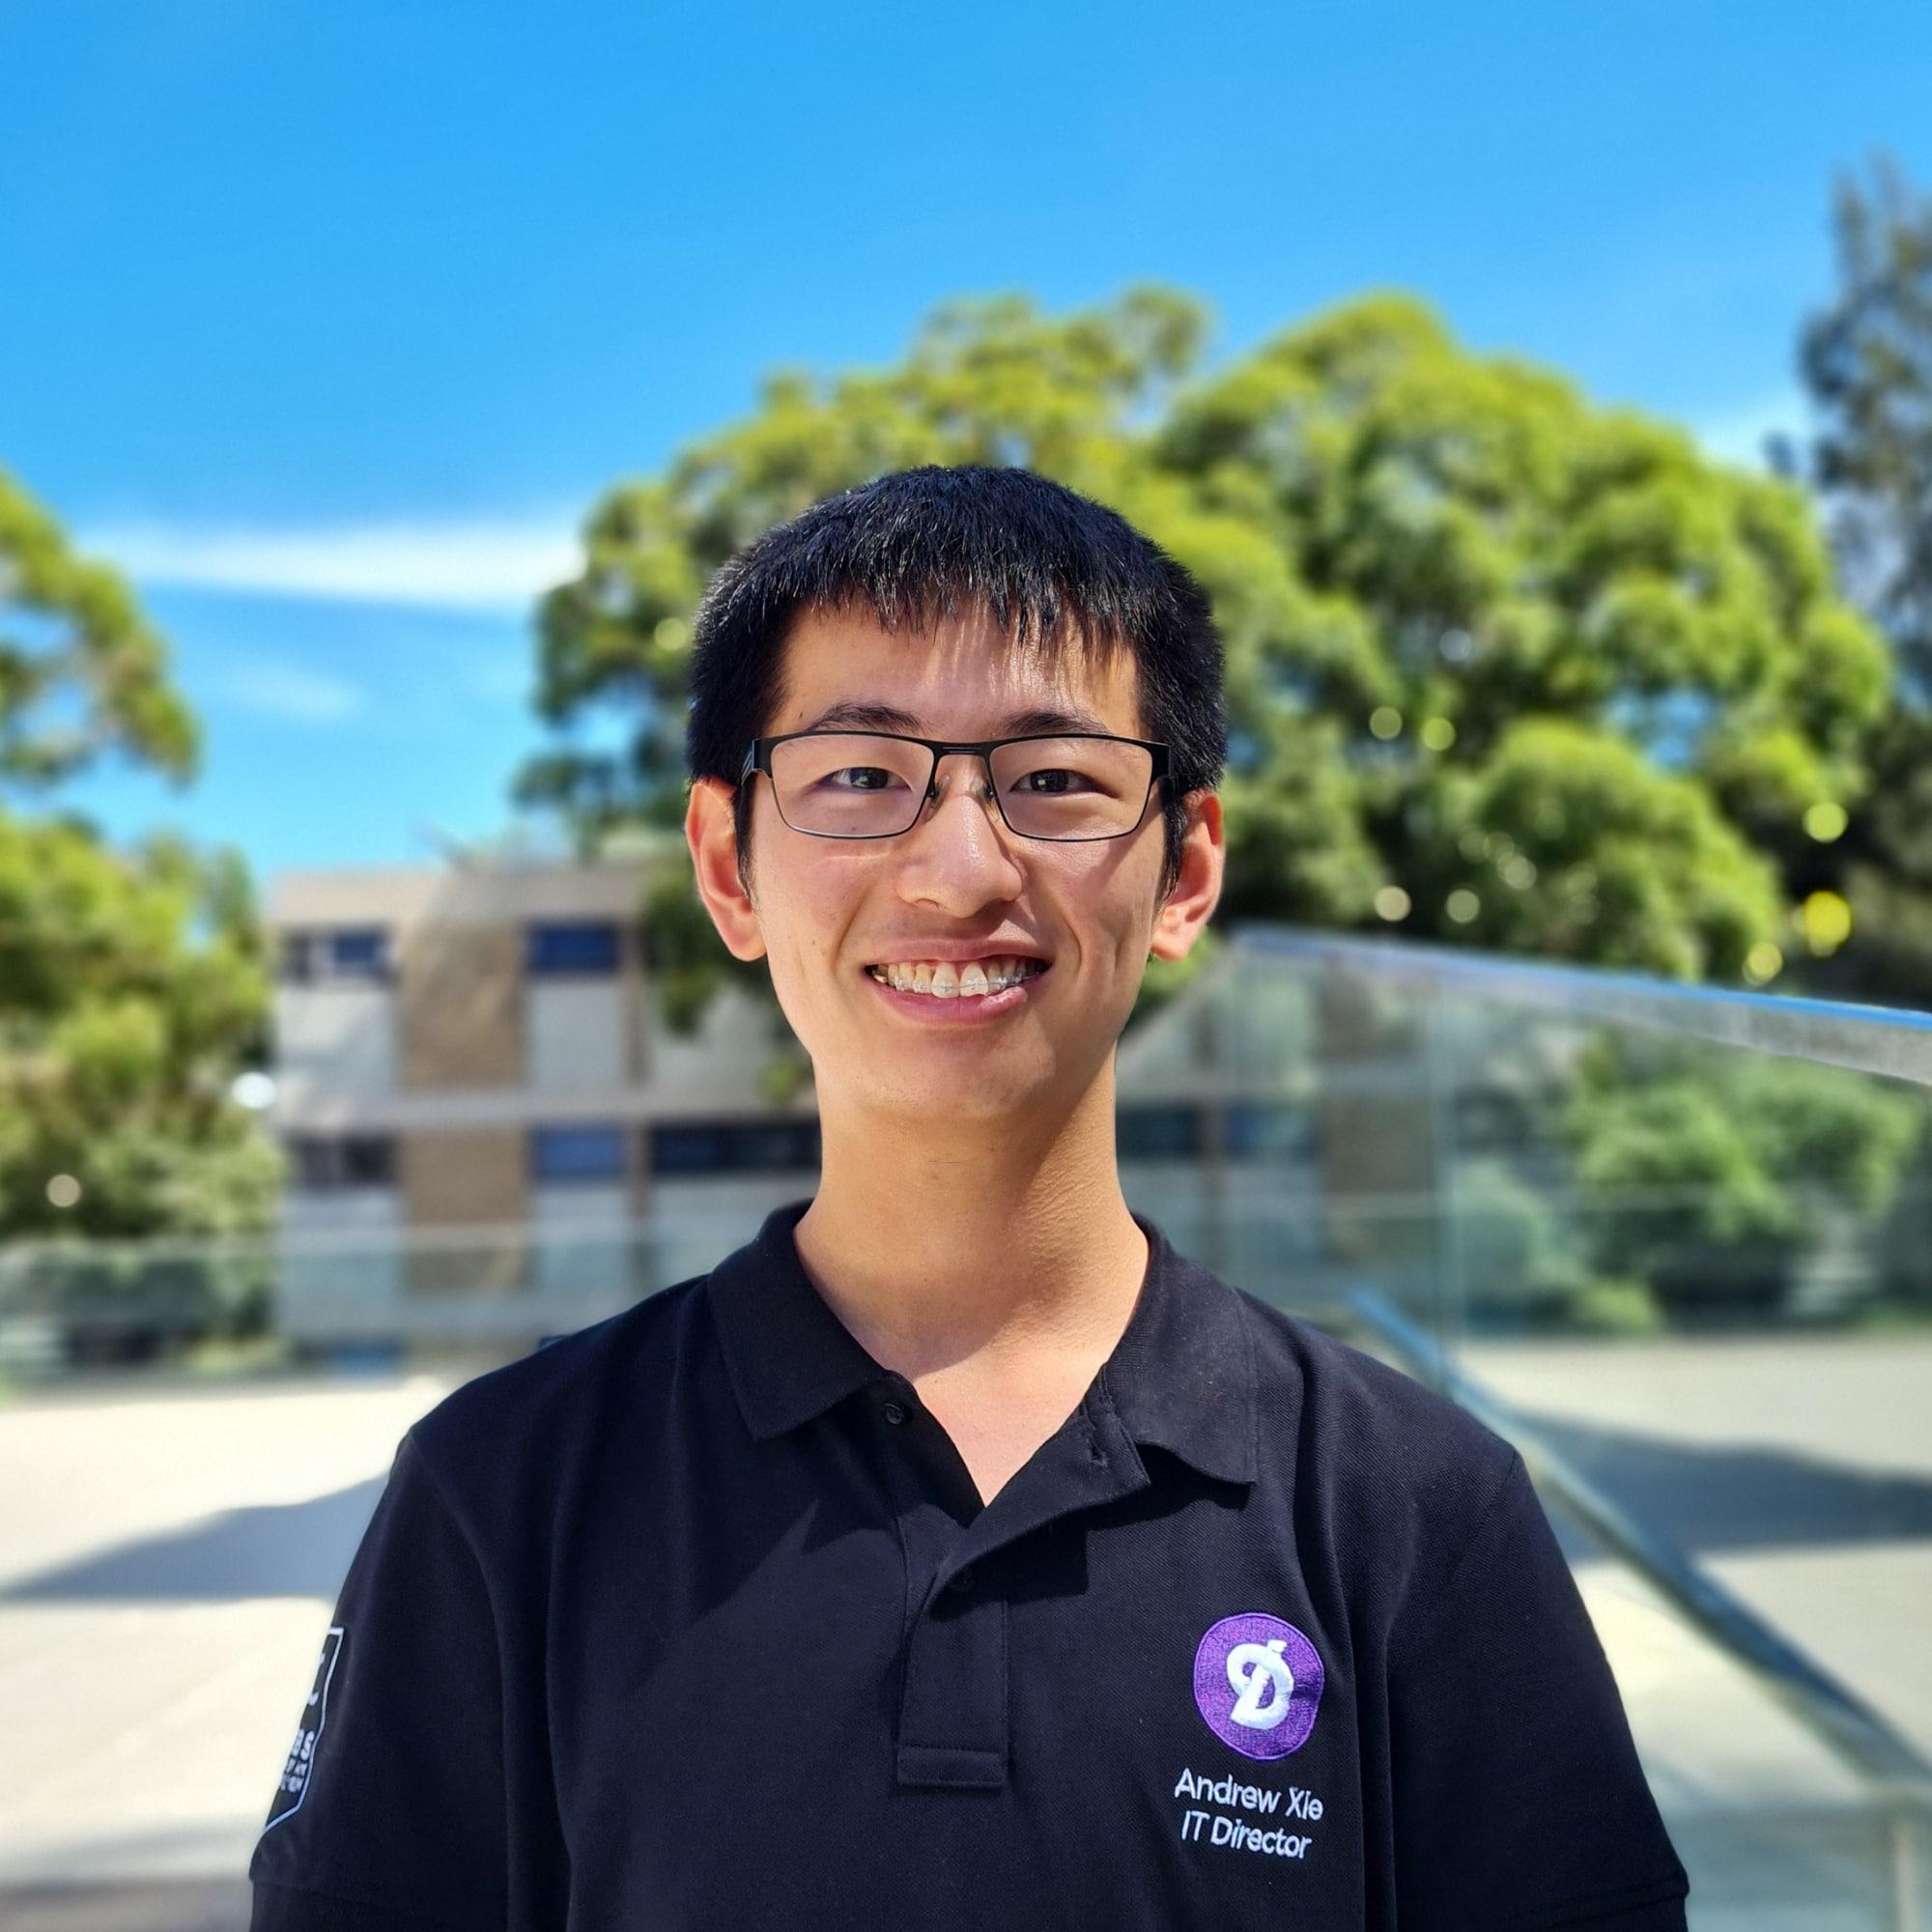 Andrew Xie